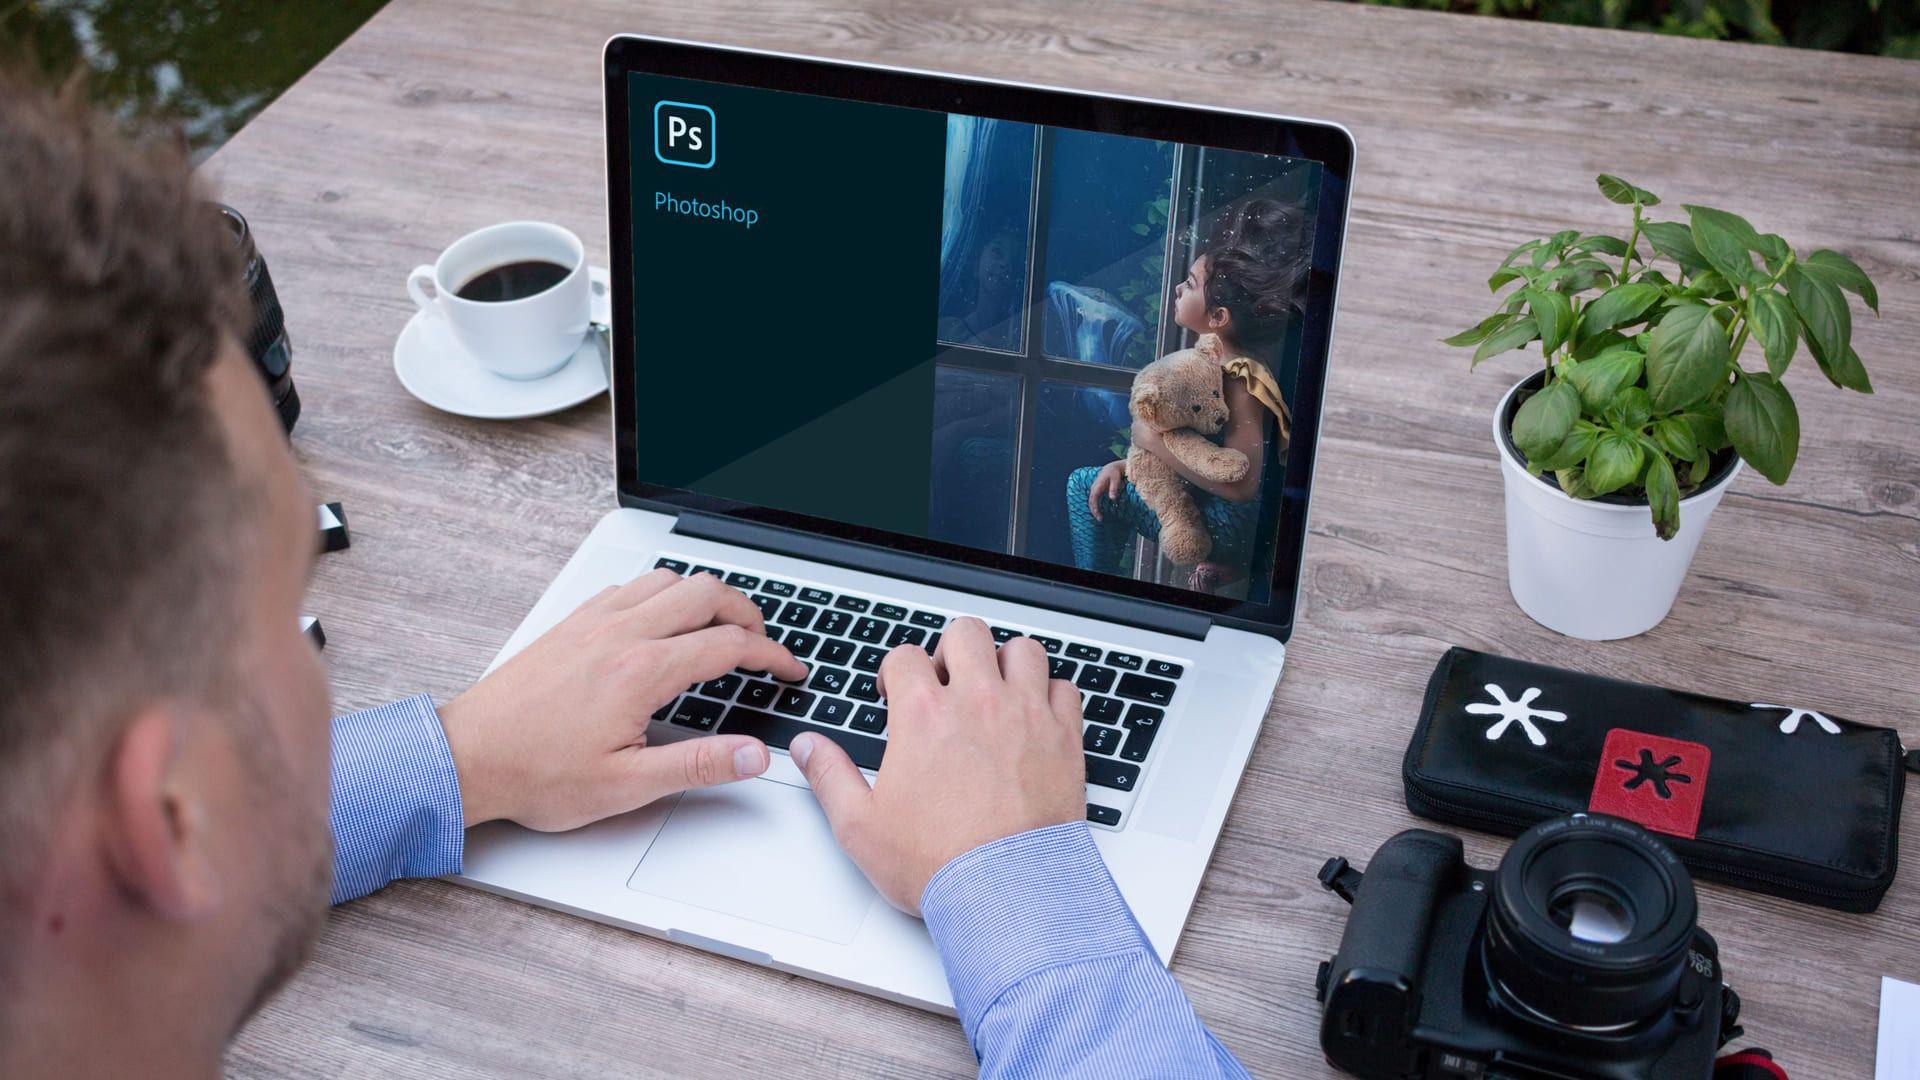 Confira todos os detalhes sobre o Photoshop Online (Foto: Shutterstock)